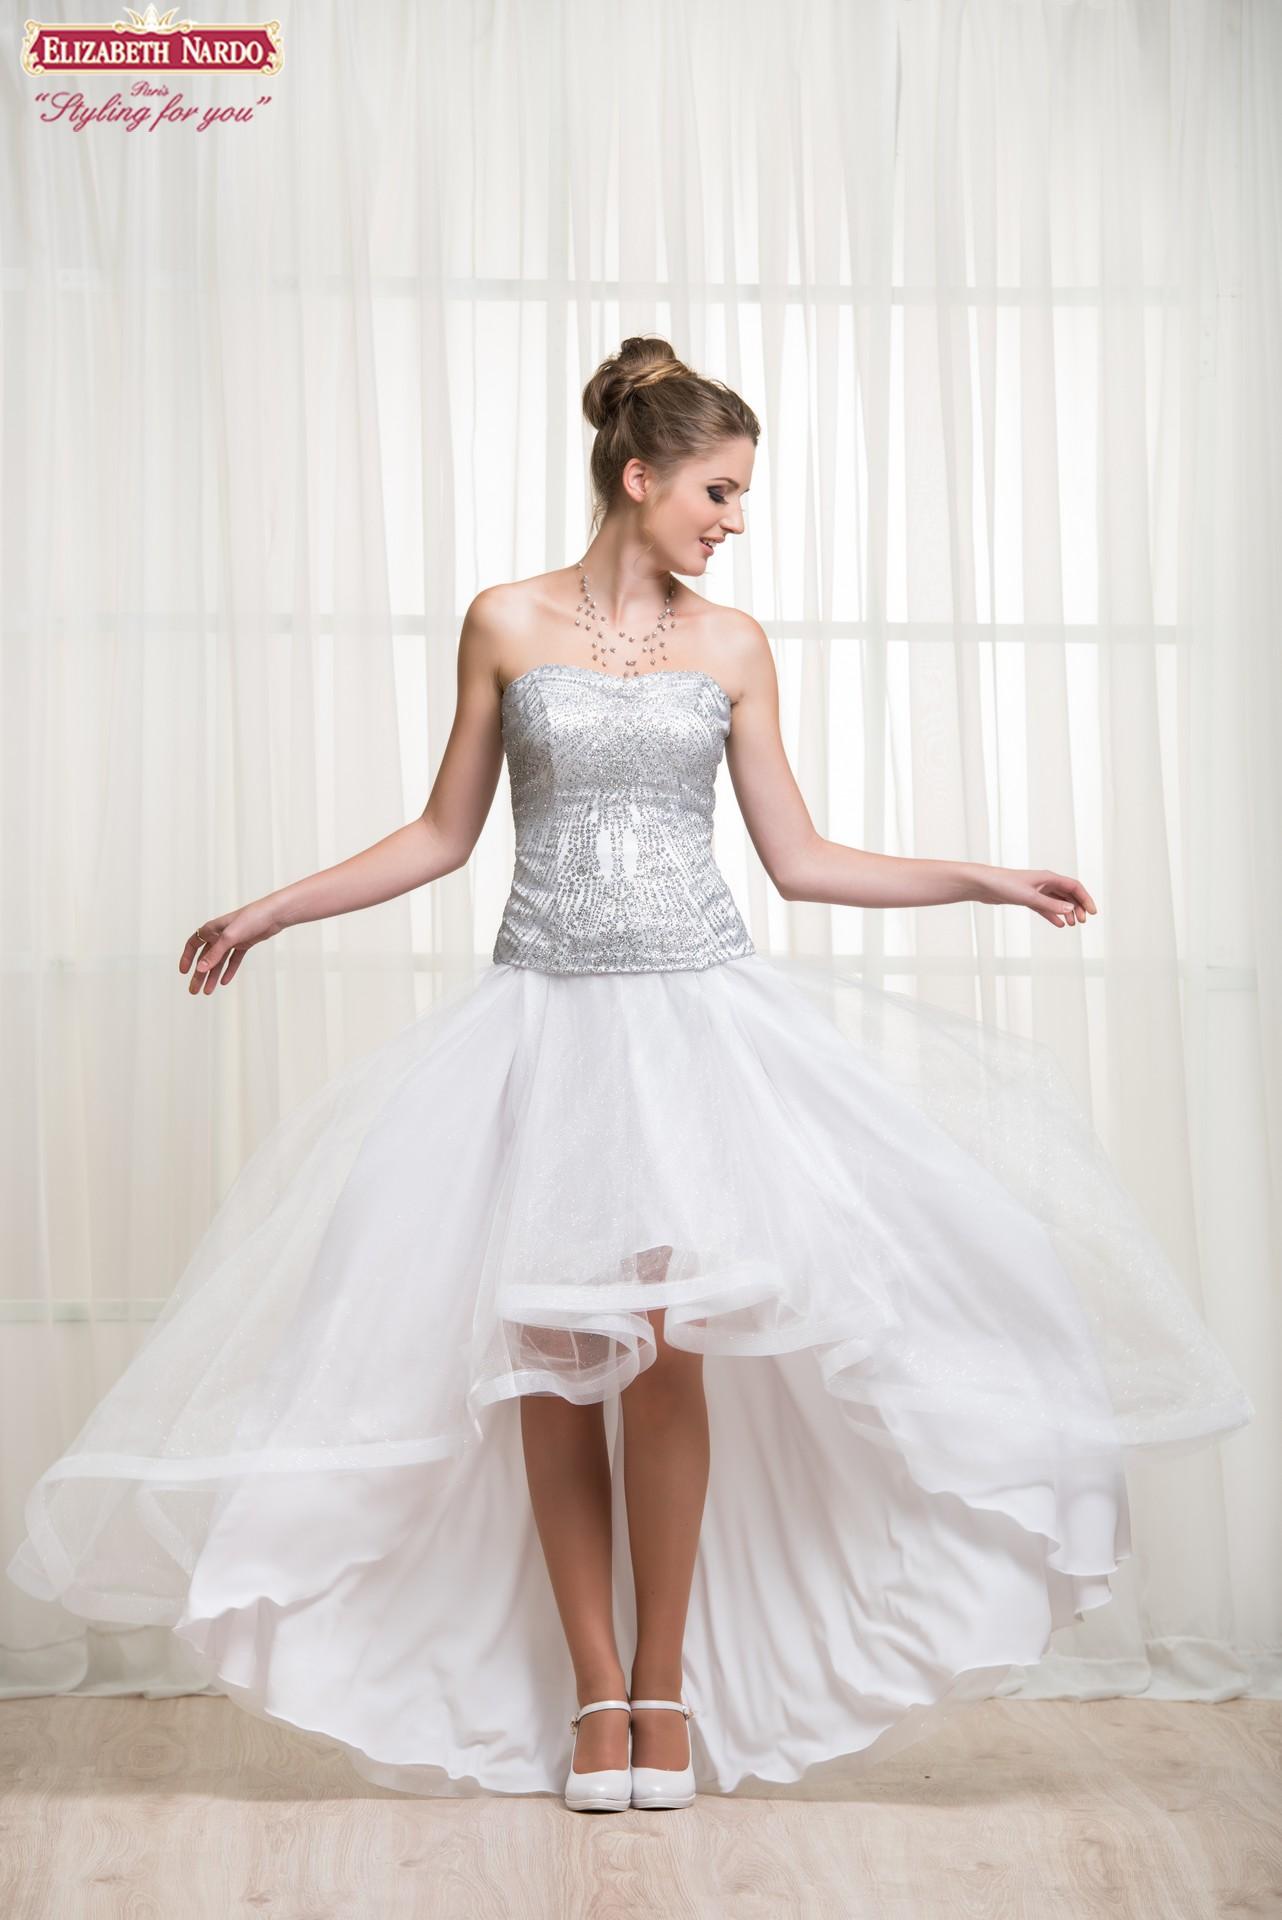 44bbaf7458 Alkalmi Báli ruhák - Menyasszonyi ruha, Alkalmi ruha, Báli ruha ...